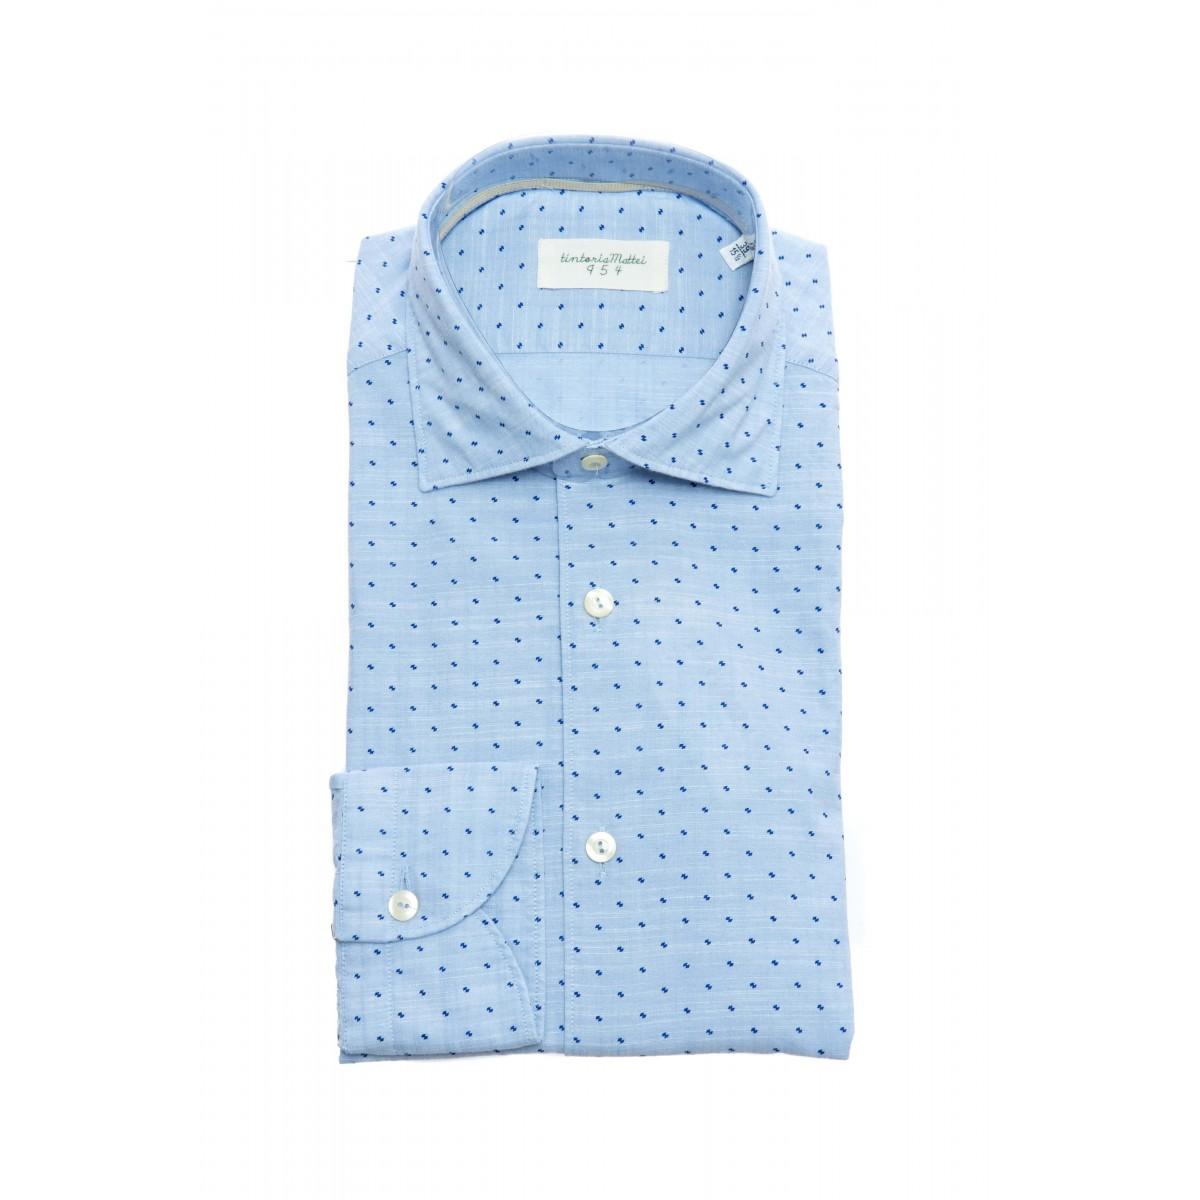 Camicia uomo - T0r njw cmicia slim puntini